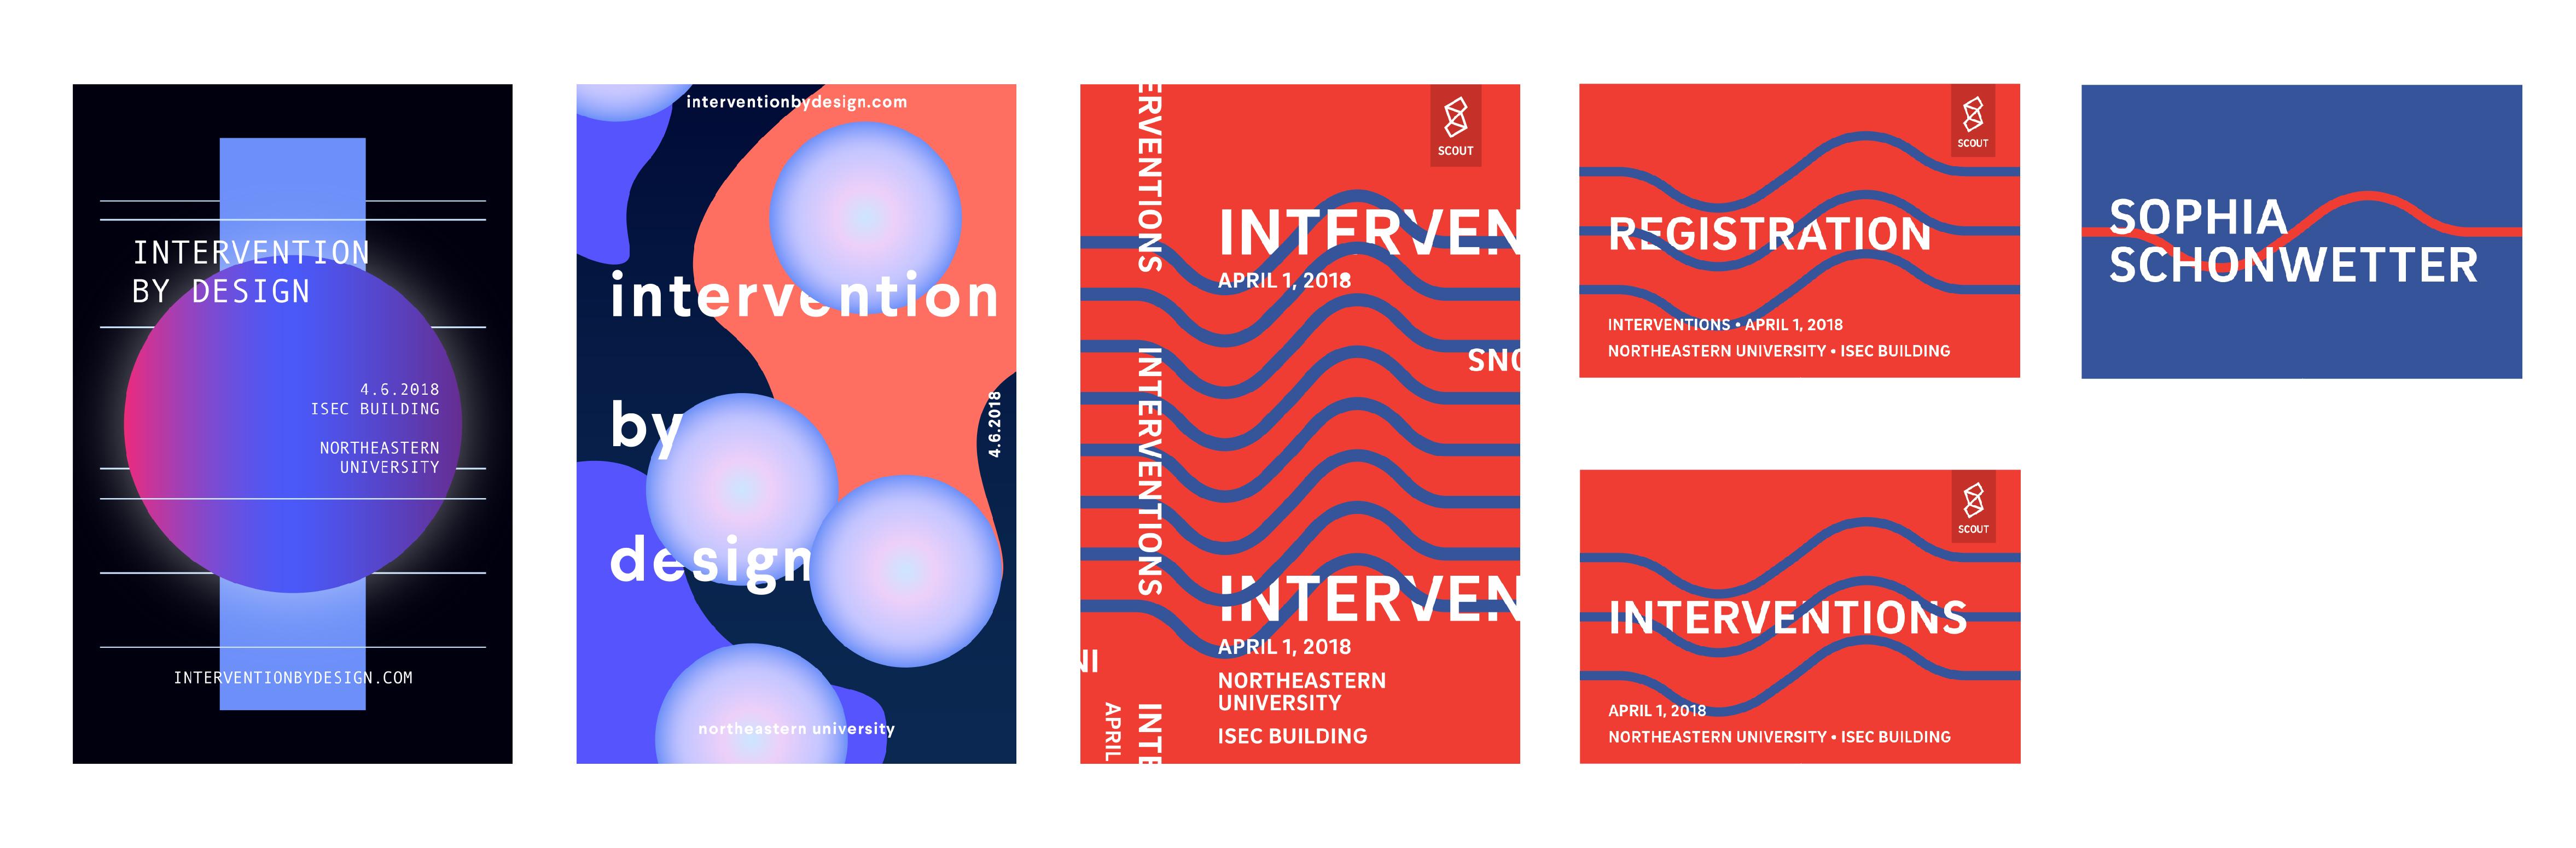 Interventions_Brainstorming_v1-02